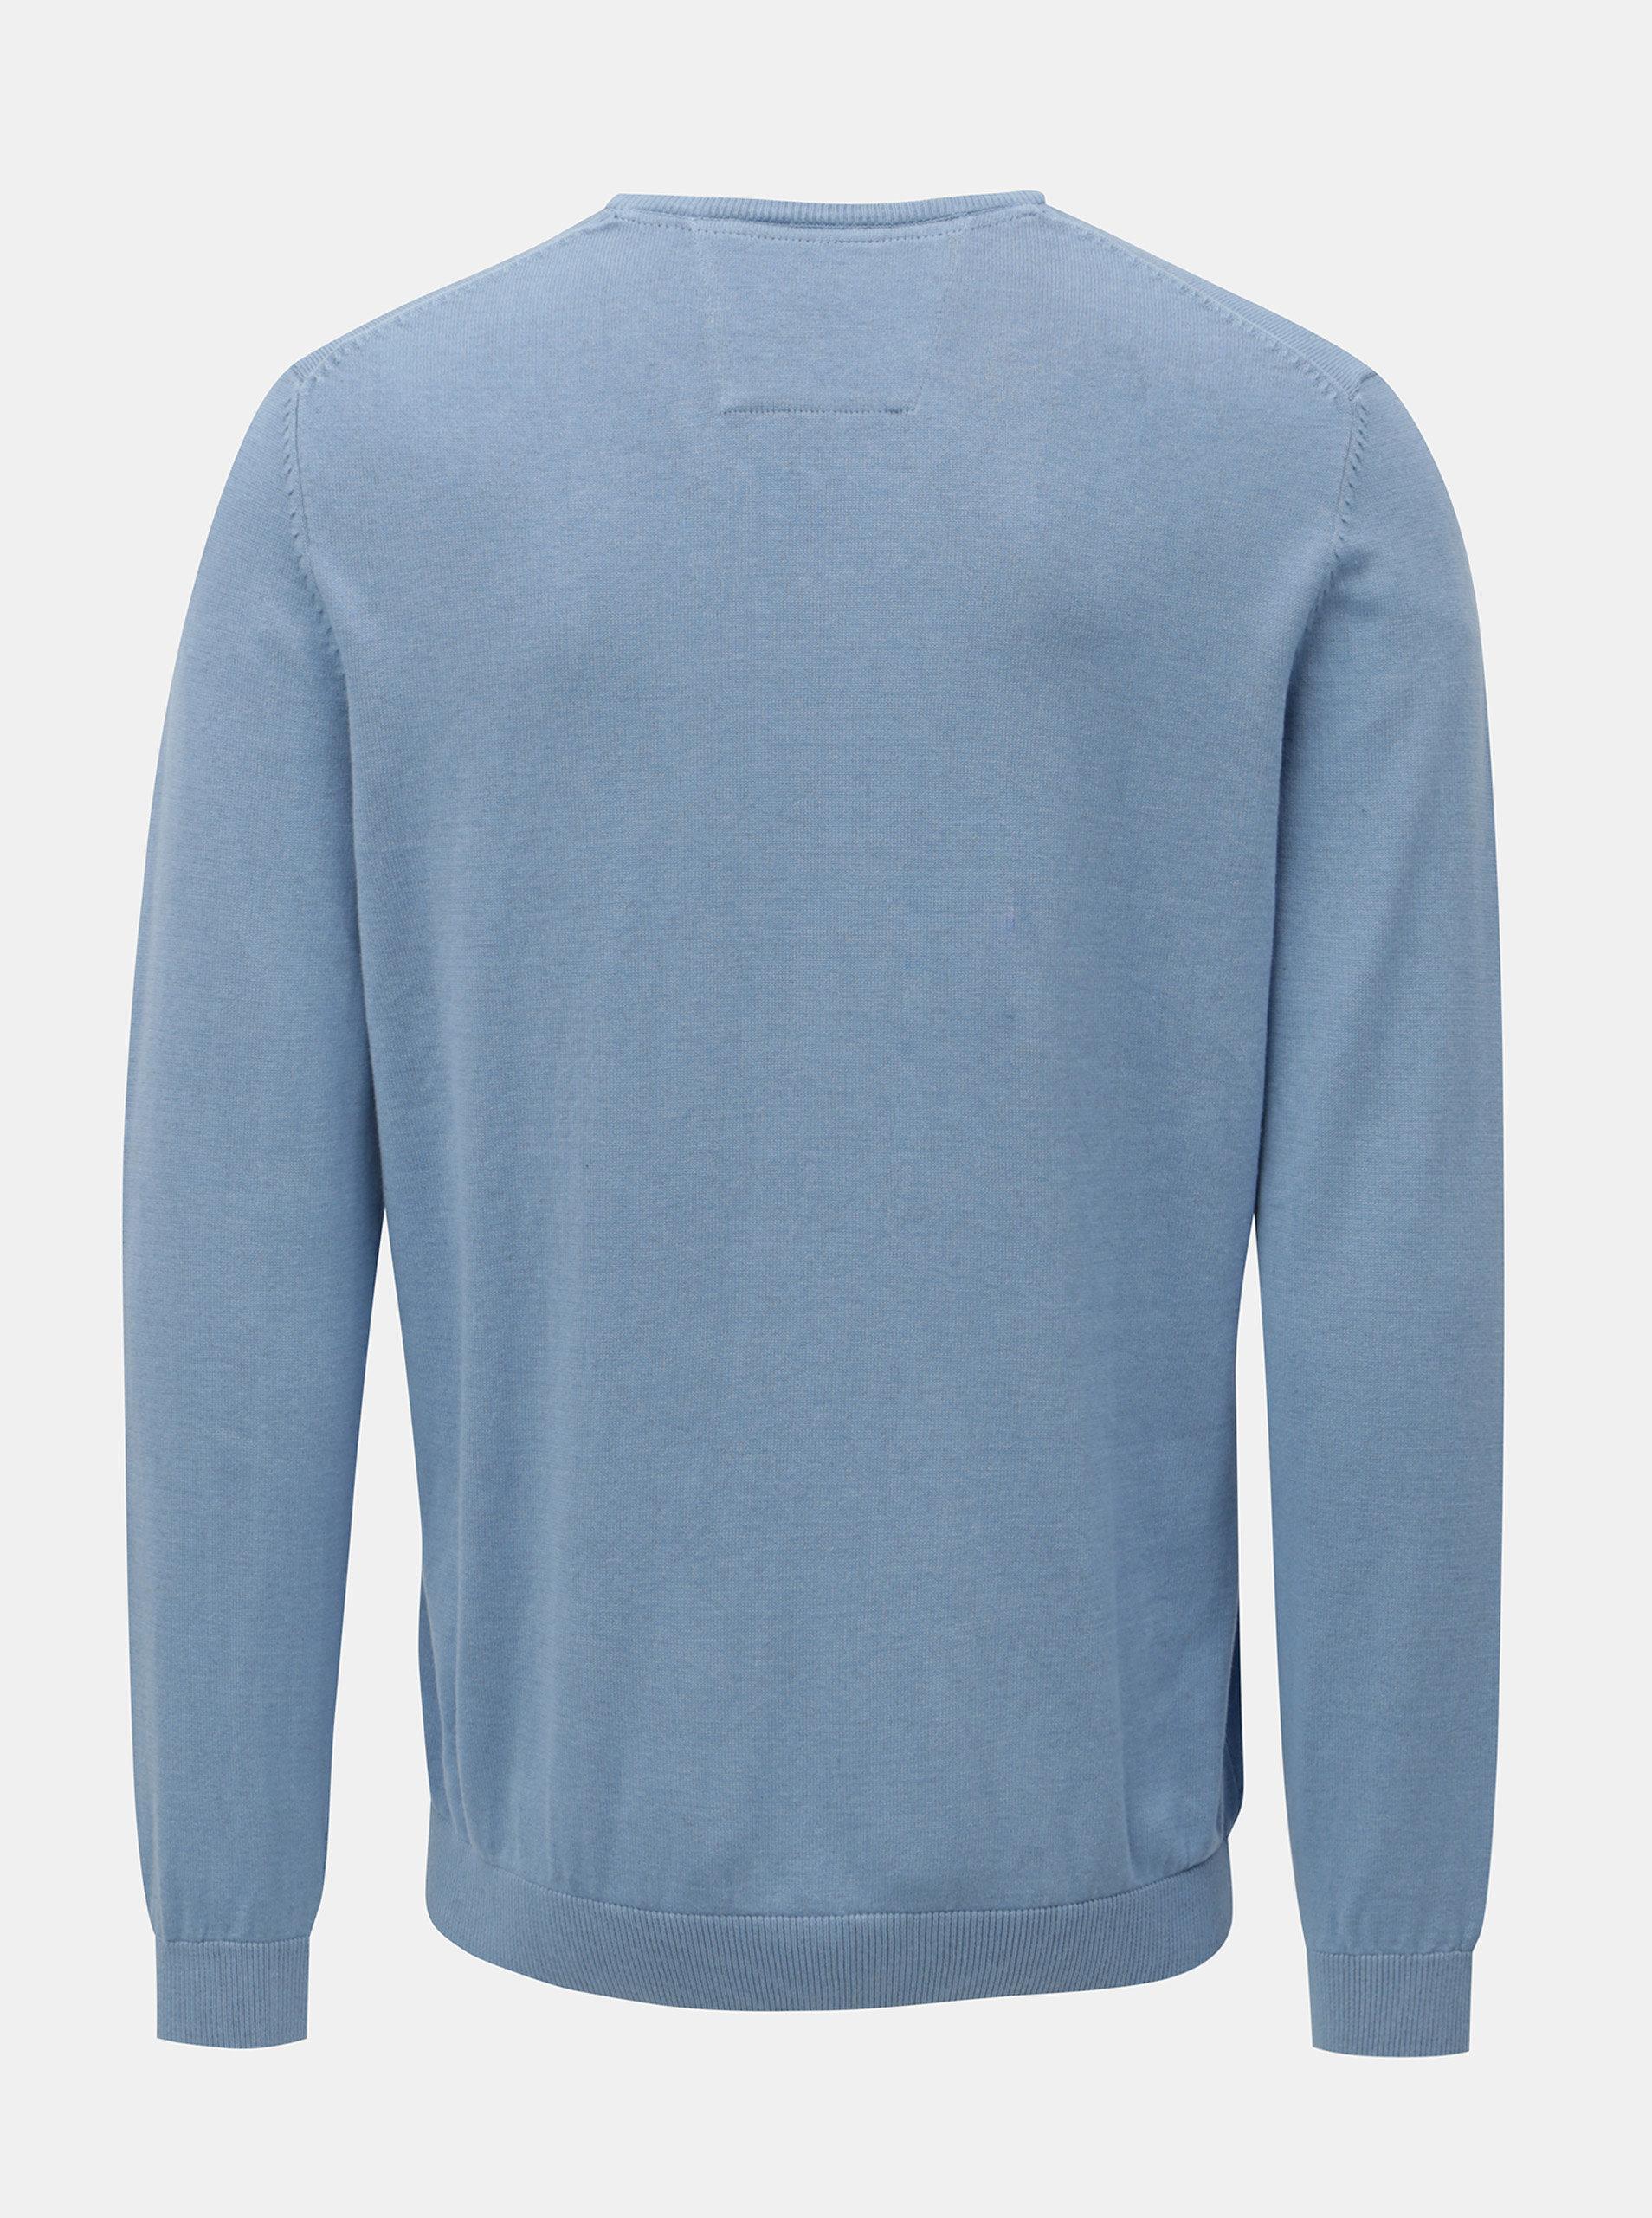 8e9310434023 Modrý pánsky tenký sveter s véčkovým výstrihom s.Oliver